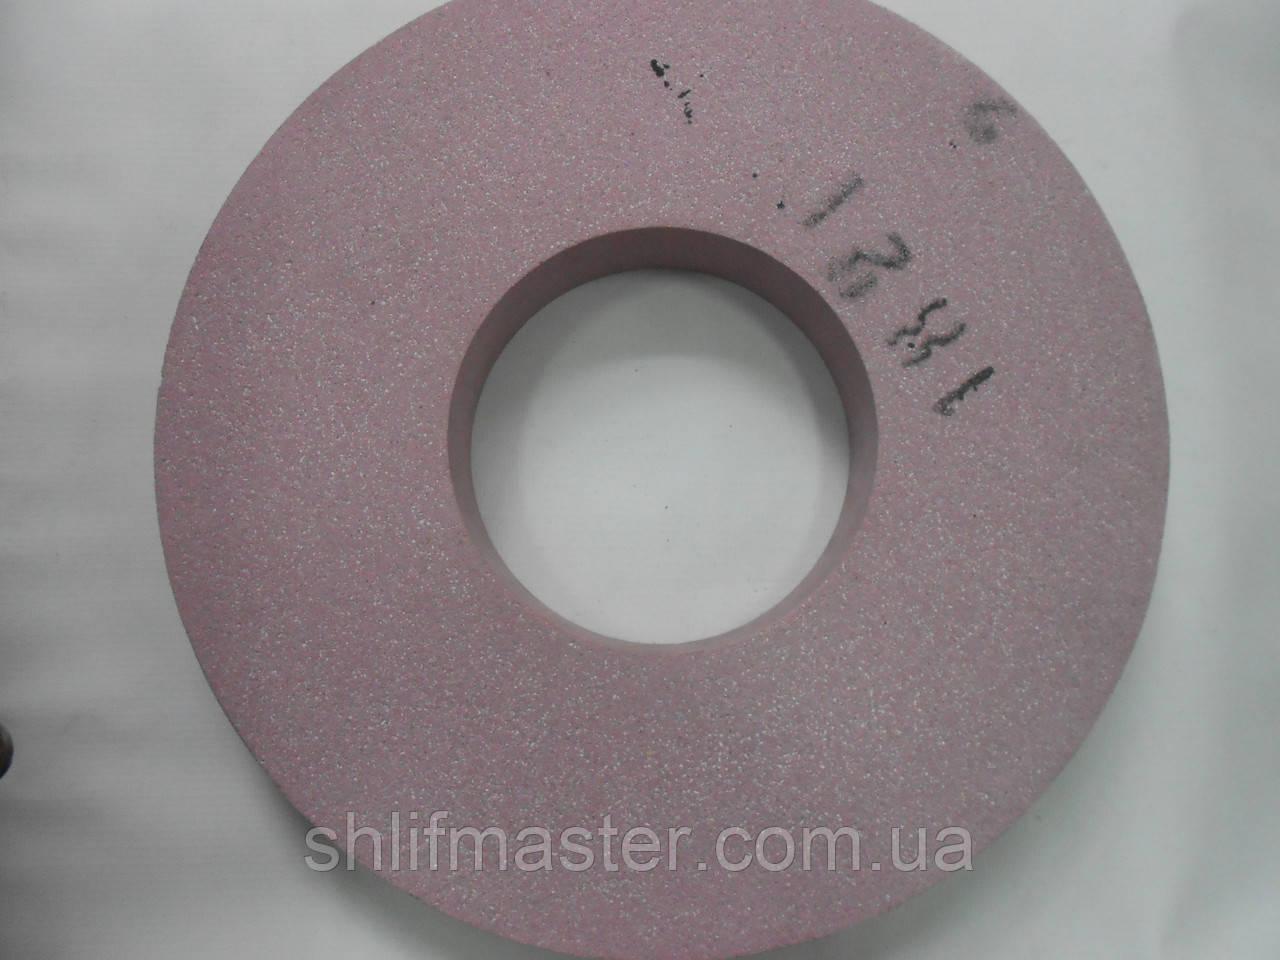 Круг абразивный шлифовальный 91А ПП 350х32х127 40 М3 прямого профиля розовый